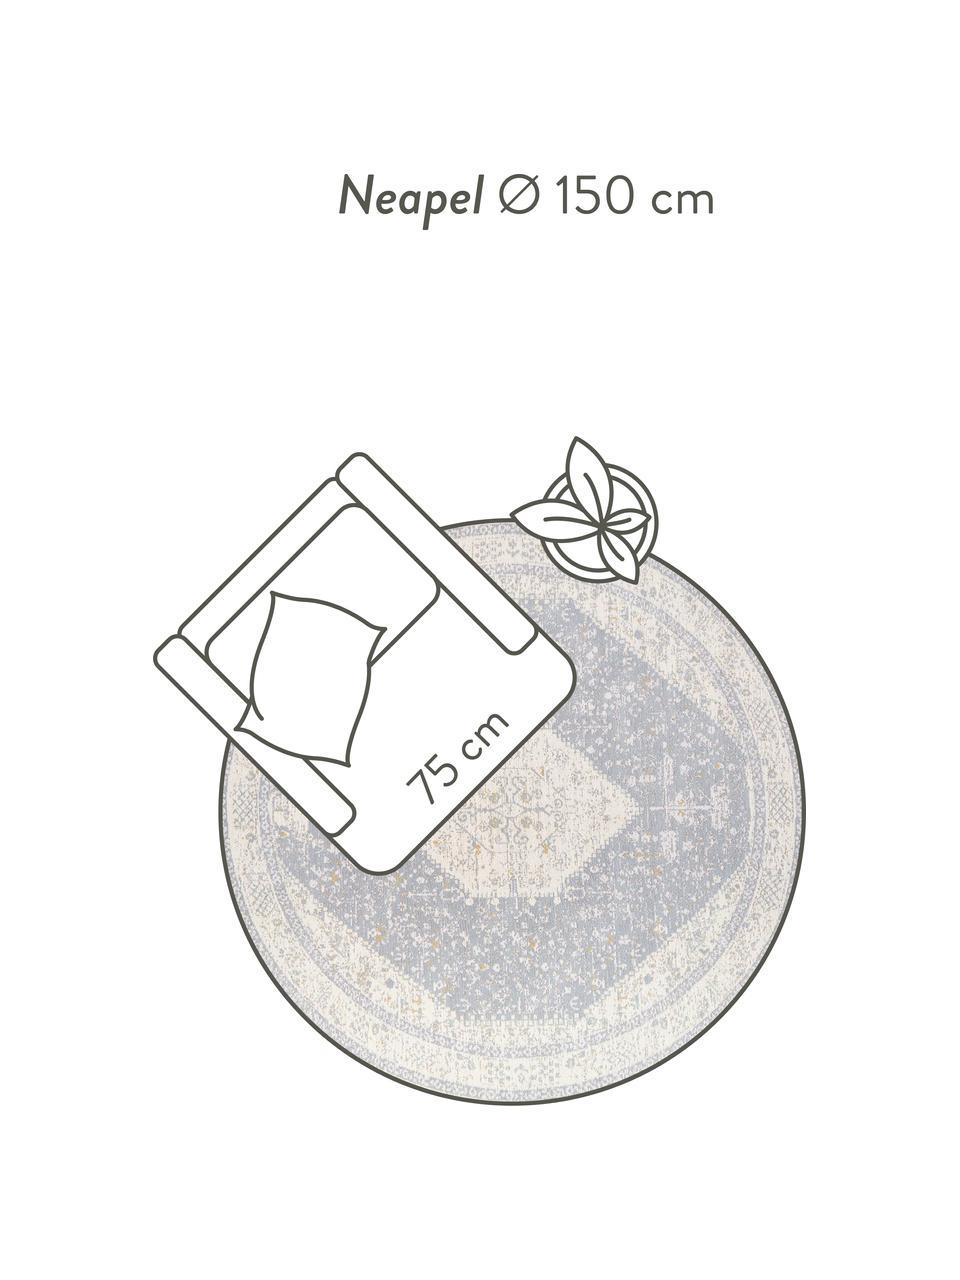 Tapis rond vintage Neapel, Gris clair, crème, taupe